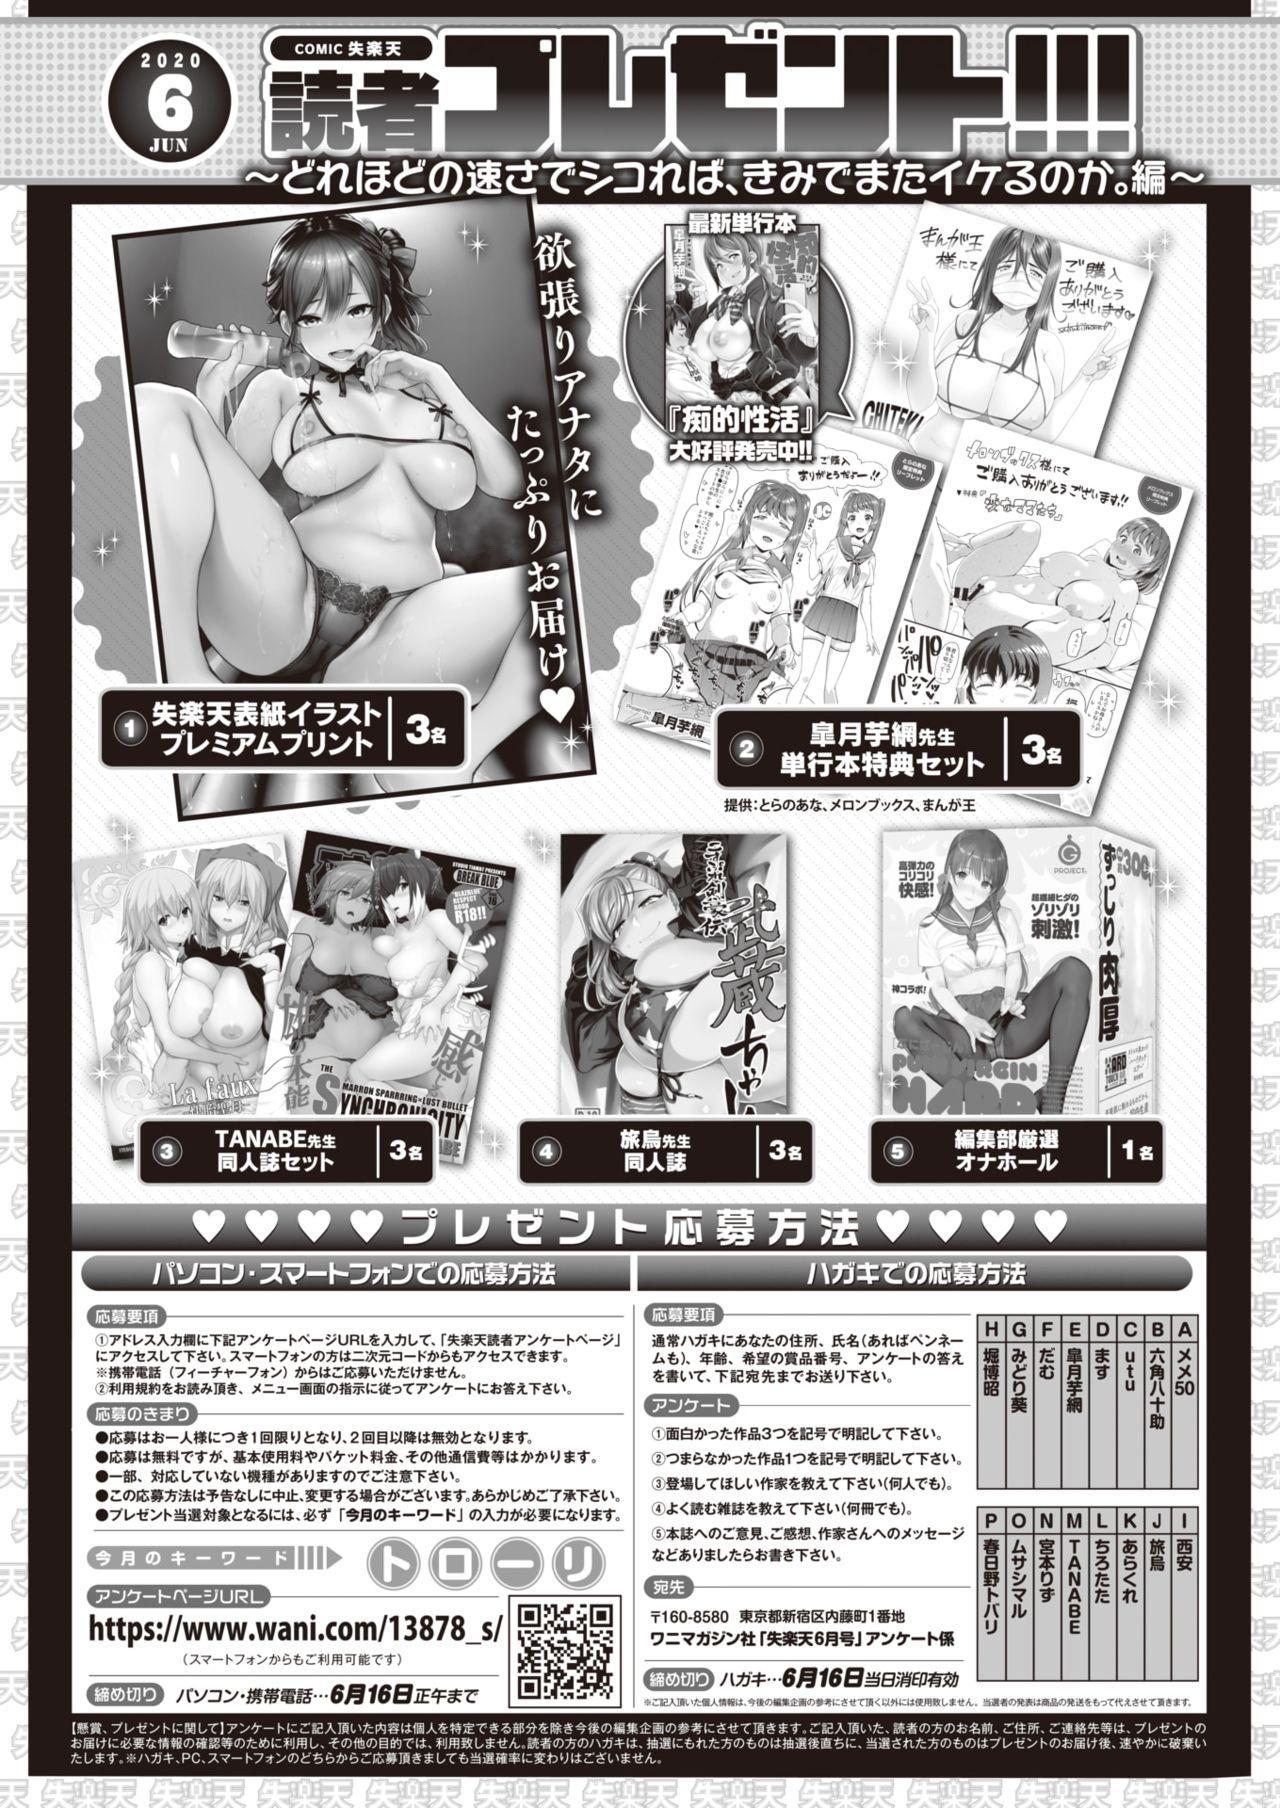 COMIC Shitsurakuten 2020-06 301